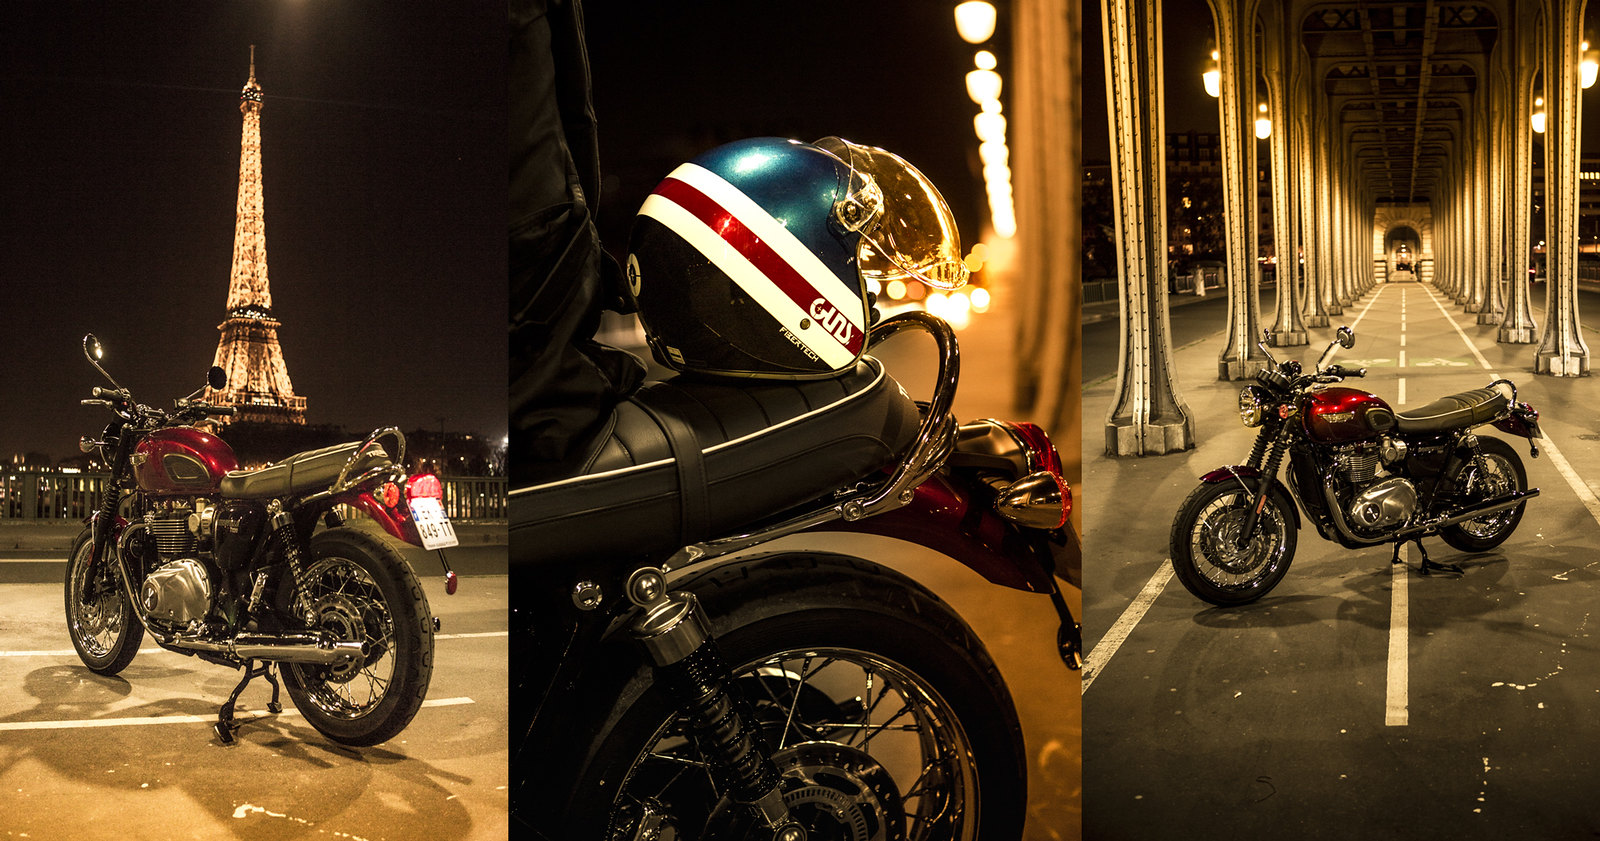 Essai-moto-triumph-bonneville-t120 (3)